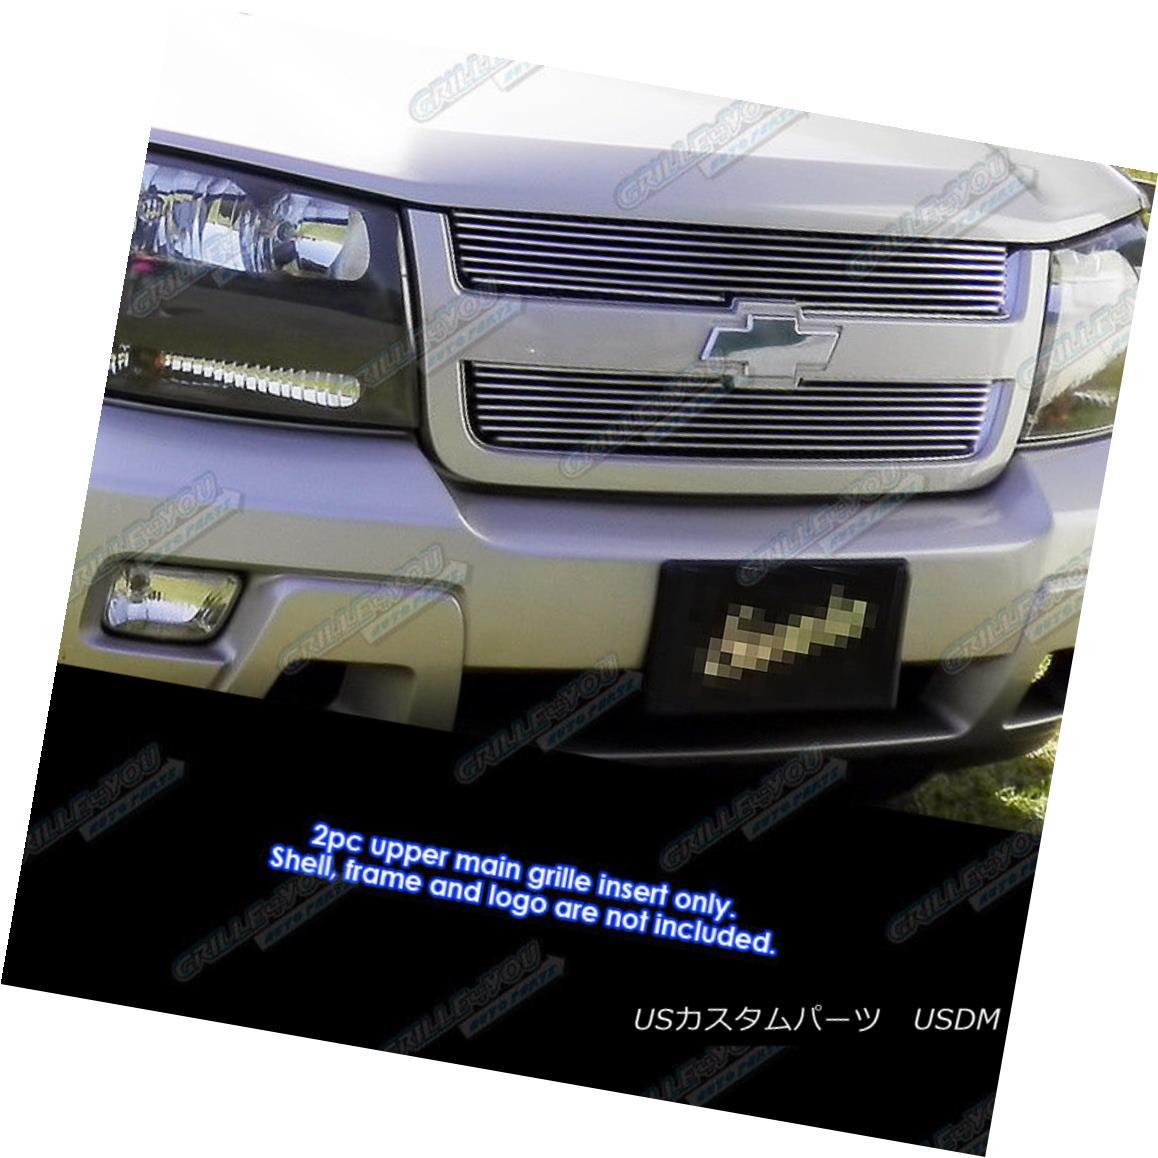 グリル Fits 2006-2009 Chevy Trailblazer LT Main Upper Billet Grille Insert フィット2006-2009シボレートレイルブレイザーLTメインアッパービレットグリルインサート